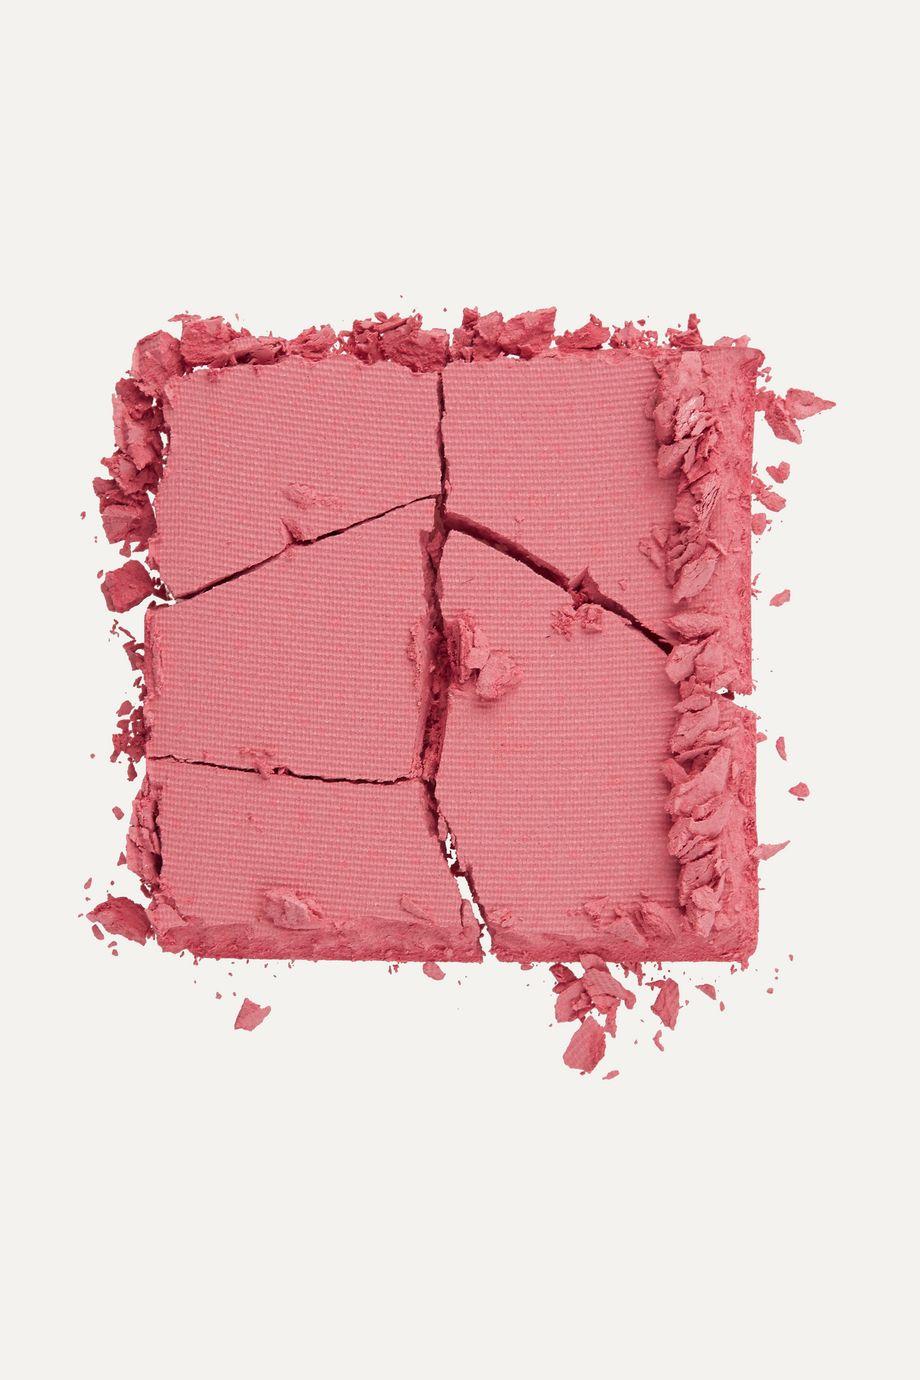 MAKE Beauty Matte Finish Powder Blush - Limoges Pink